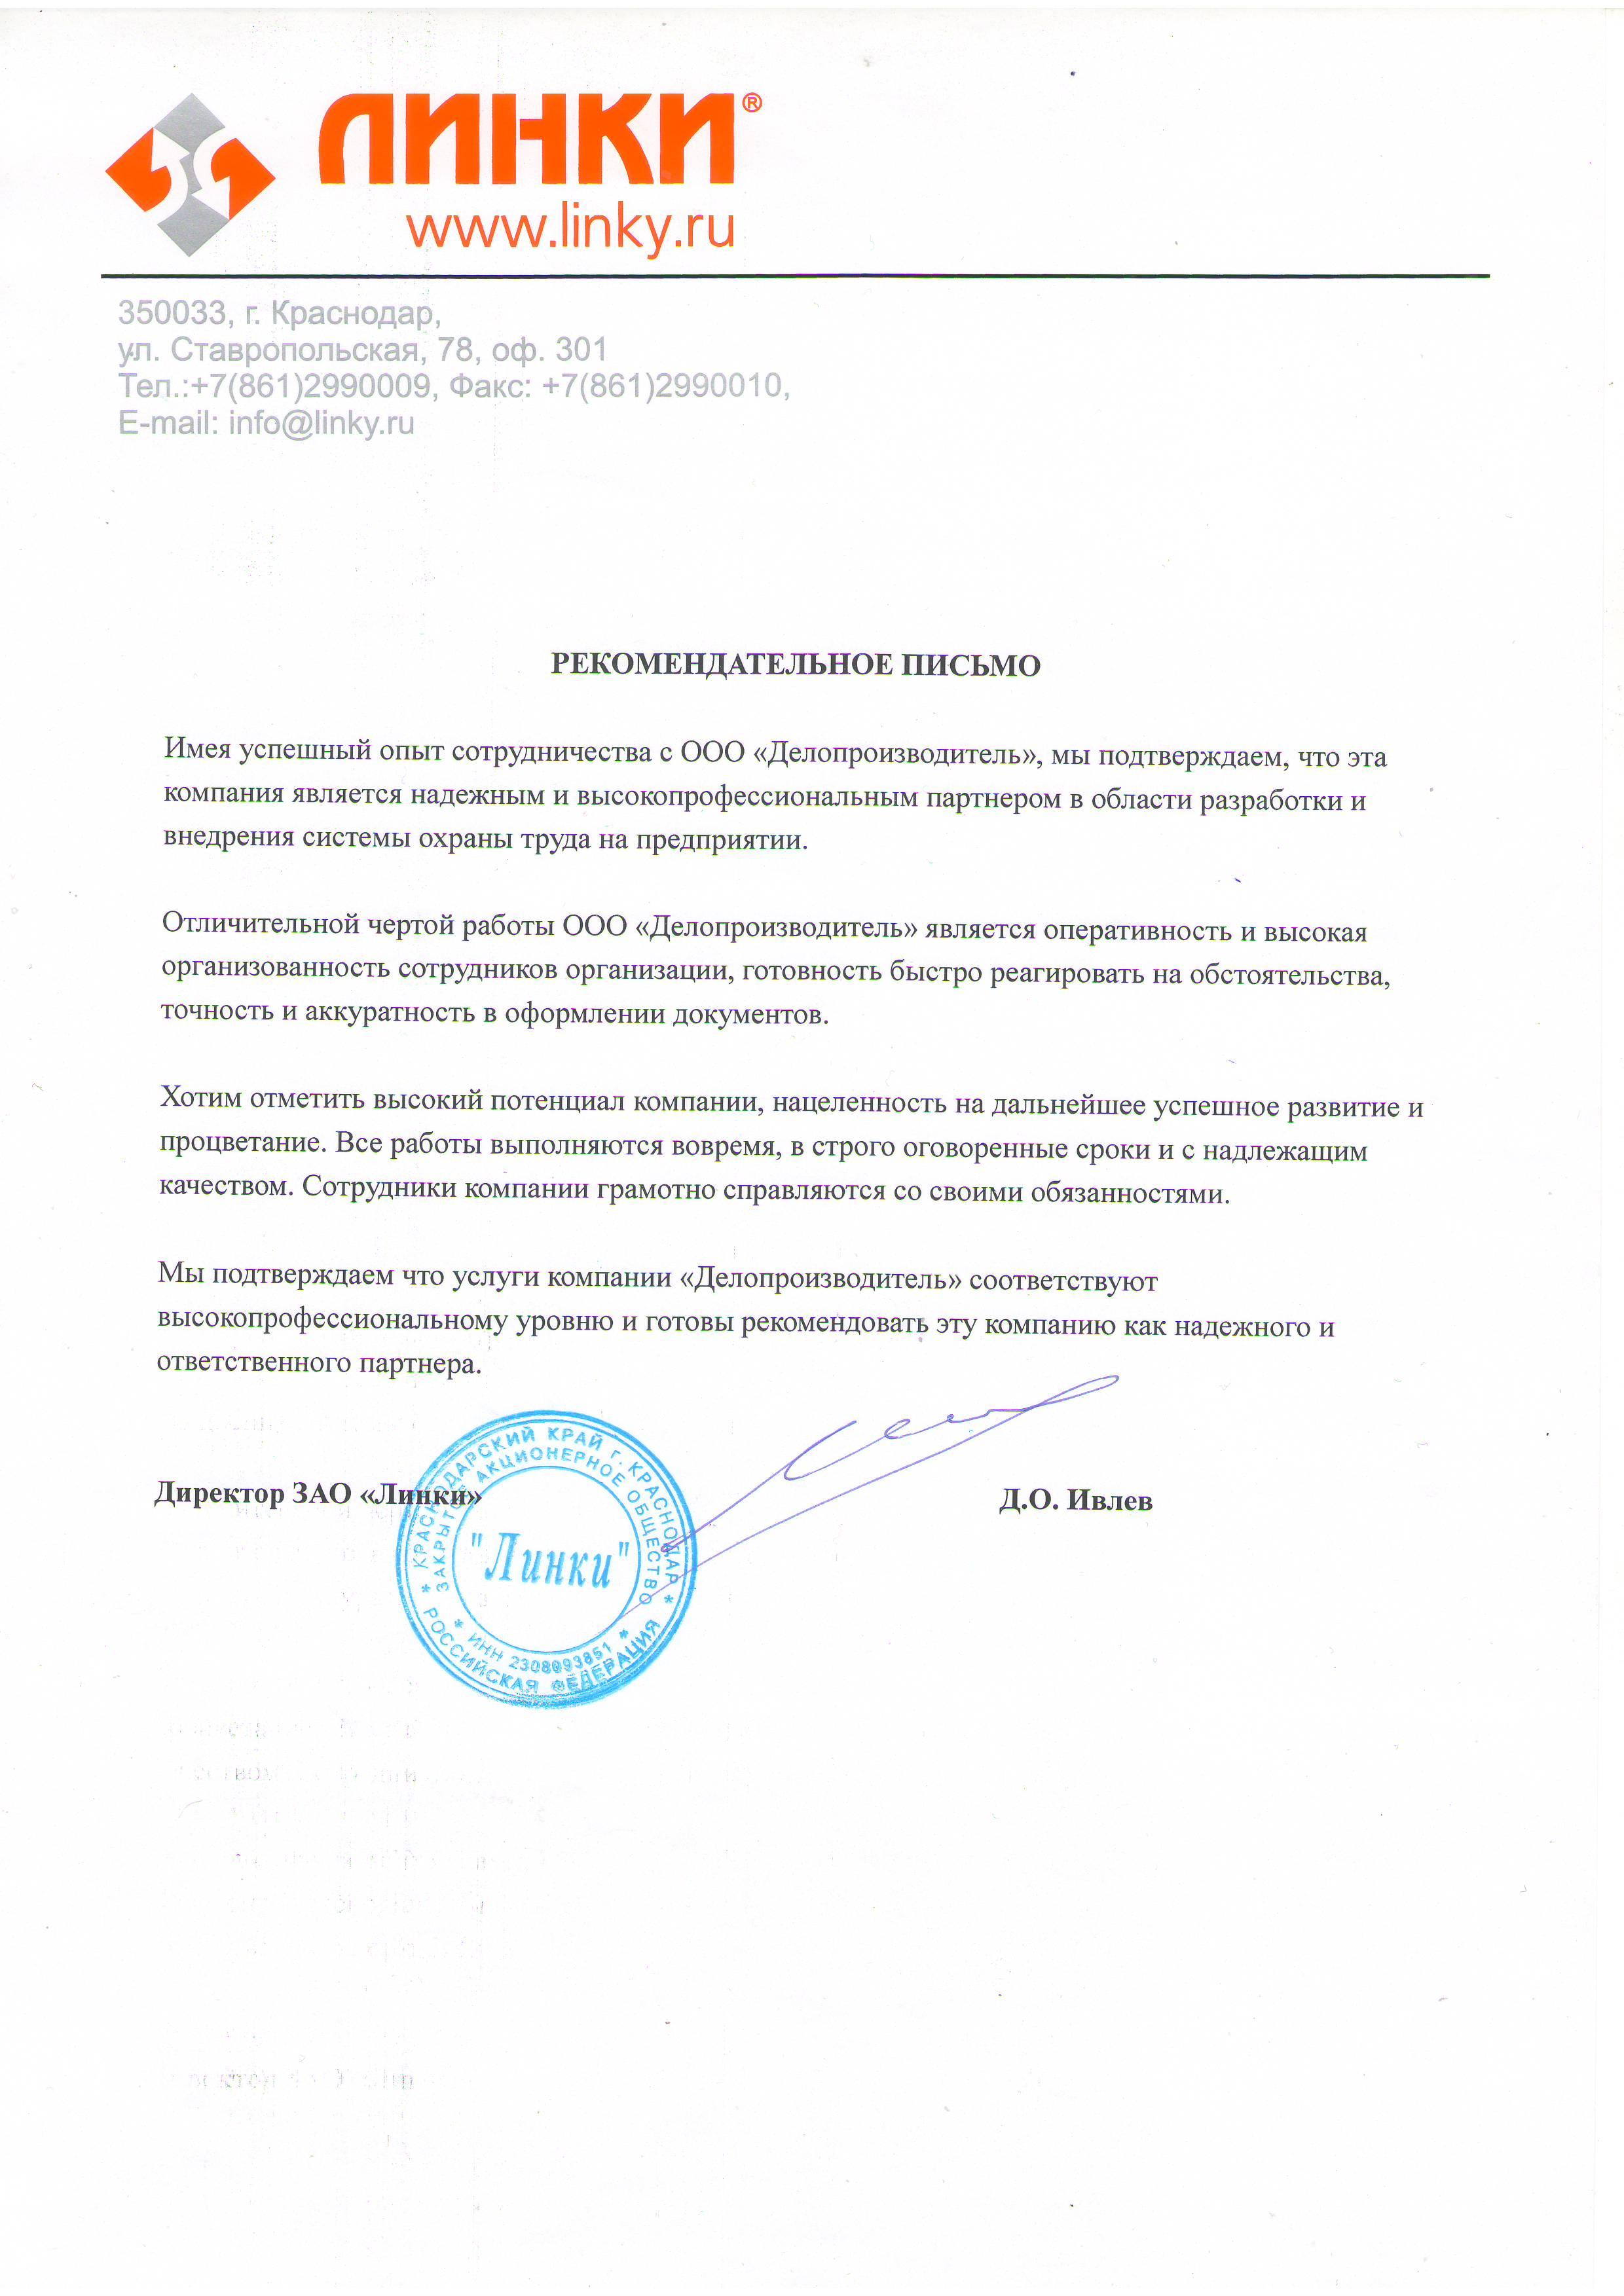 ЗАО «Линки» отзыв